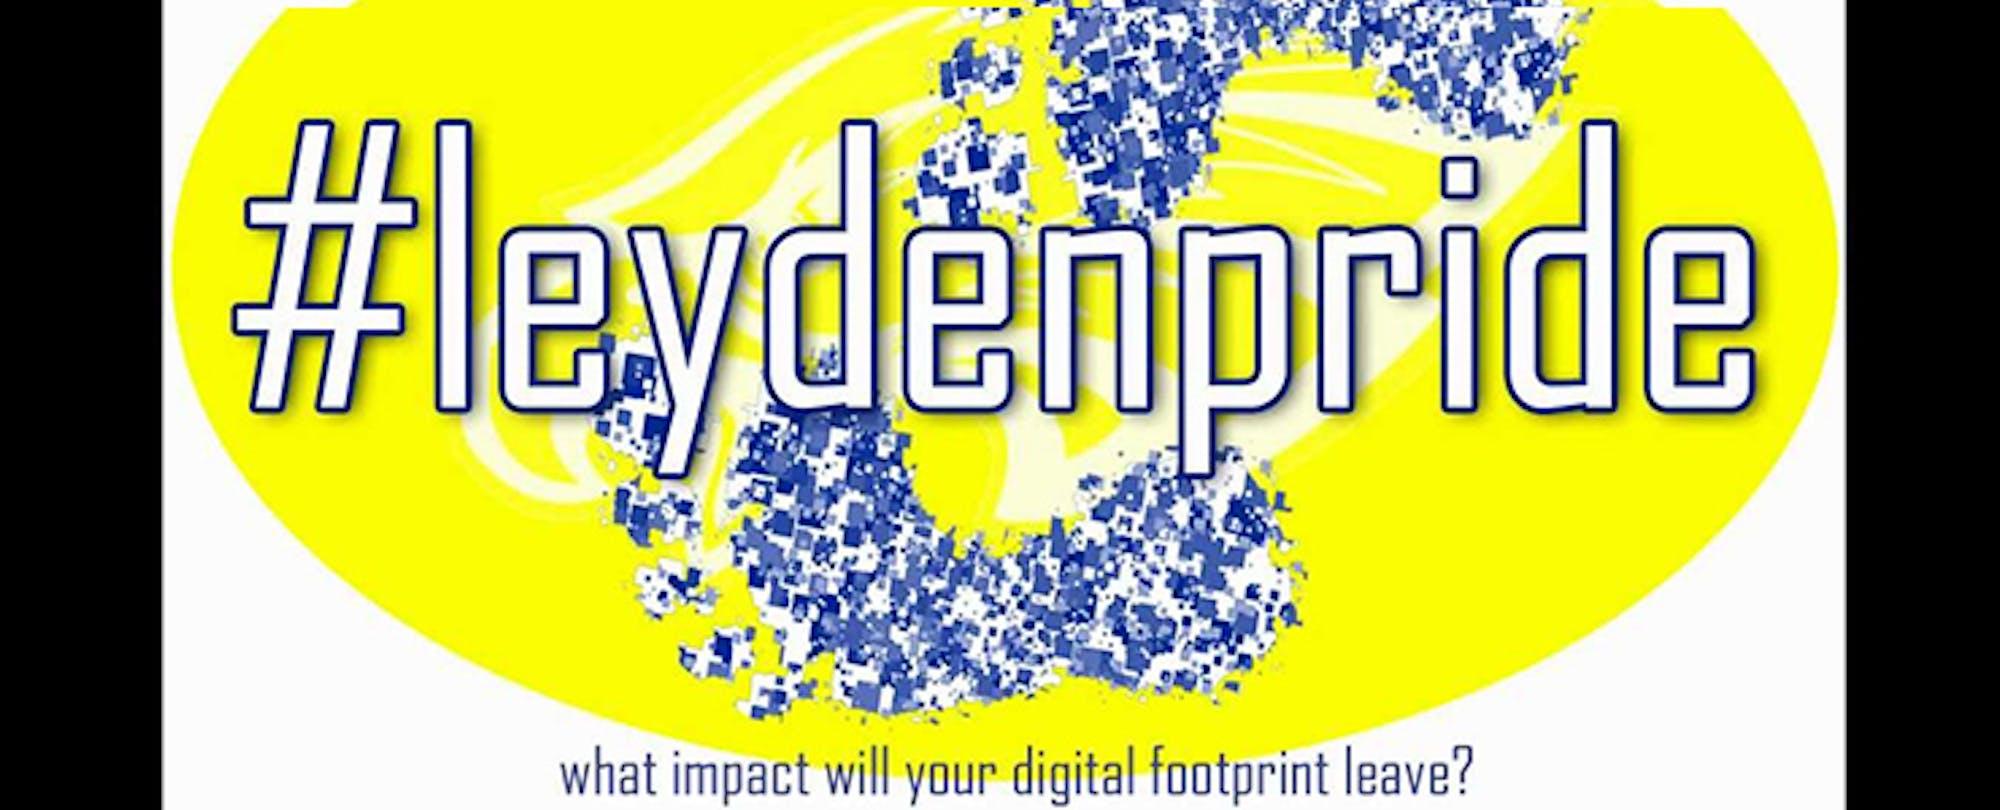 #LeydenPride: How a Tweet Revolt Changed My School